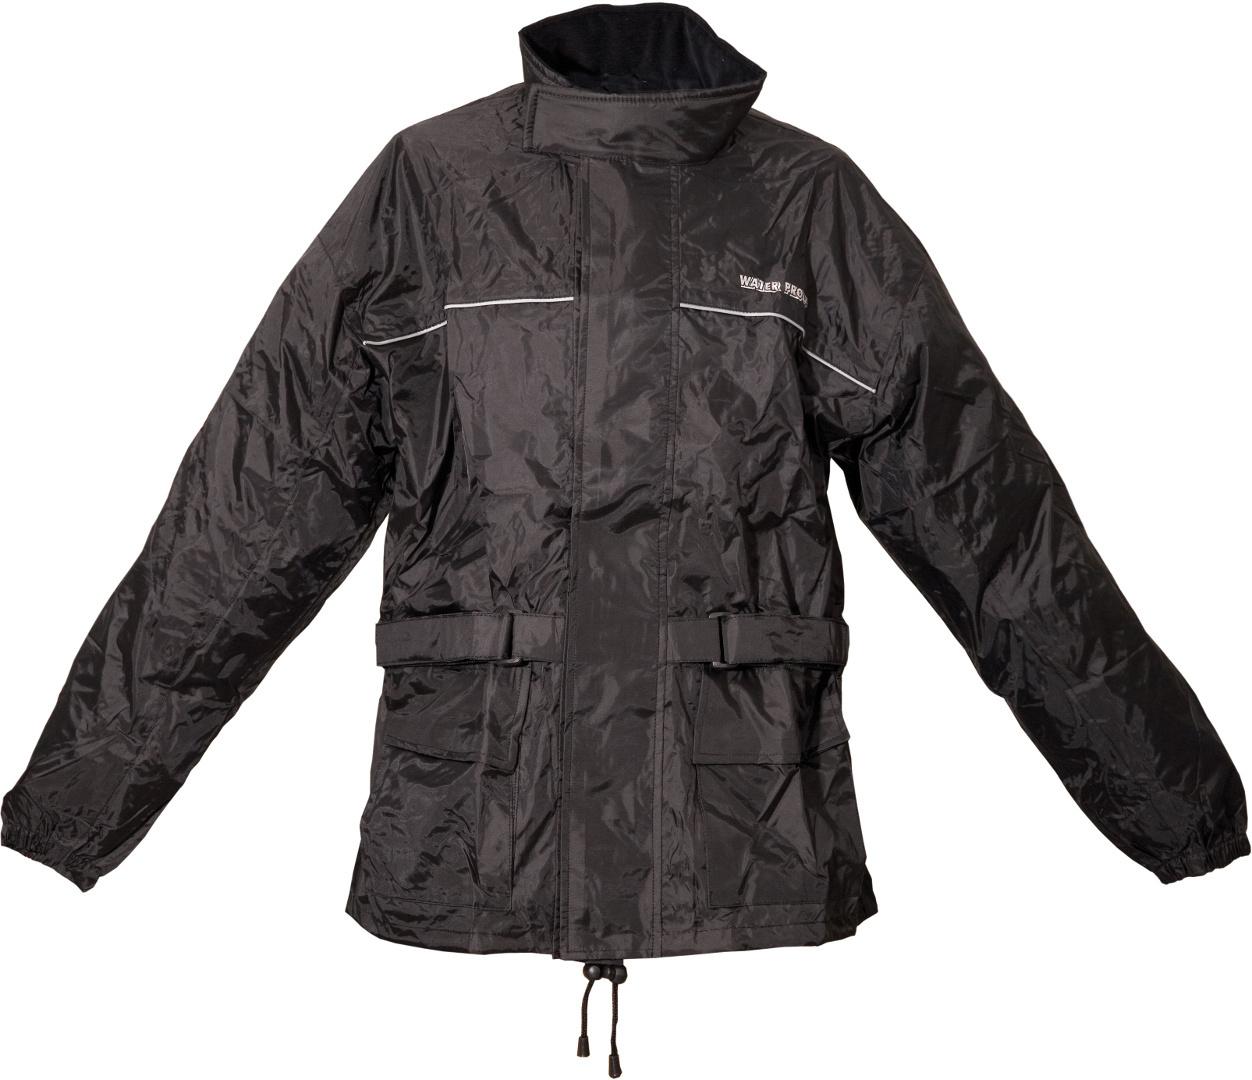 Modeka Regenjacke, schwarz, Größe S, schwarz, Größe S